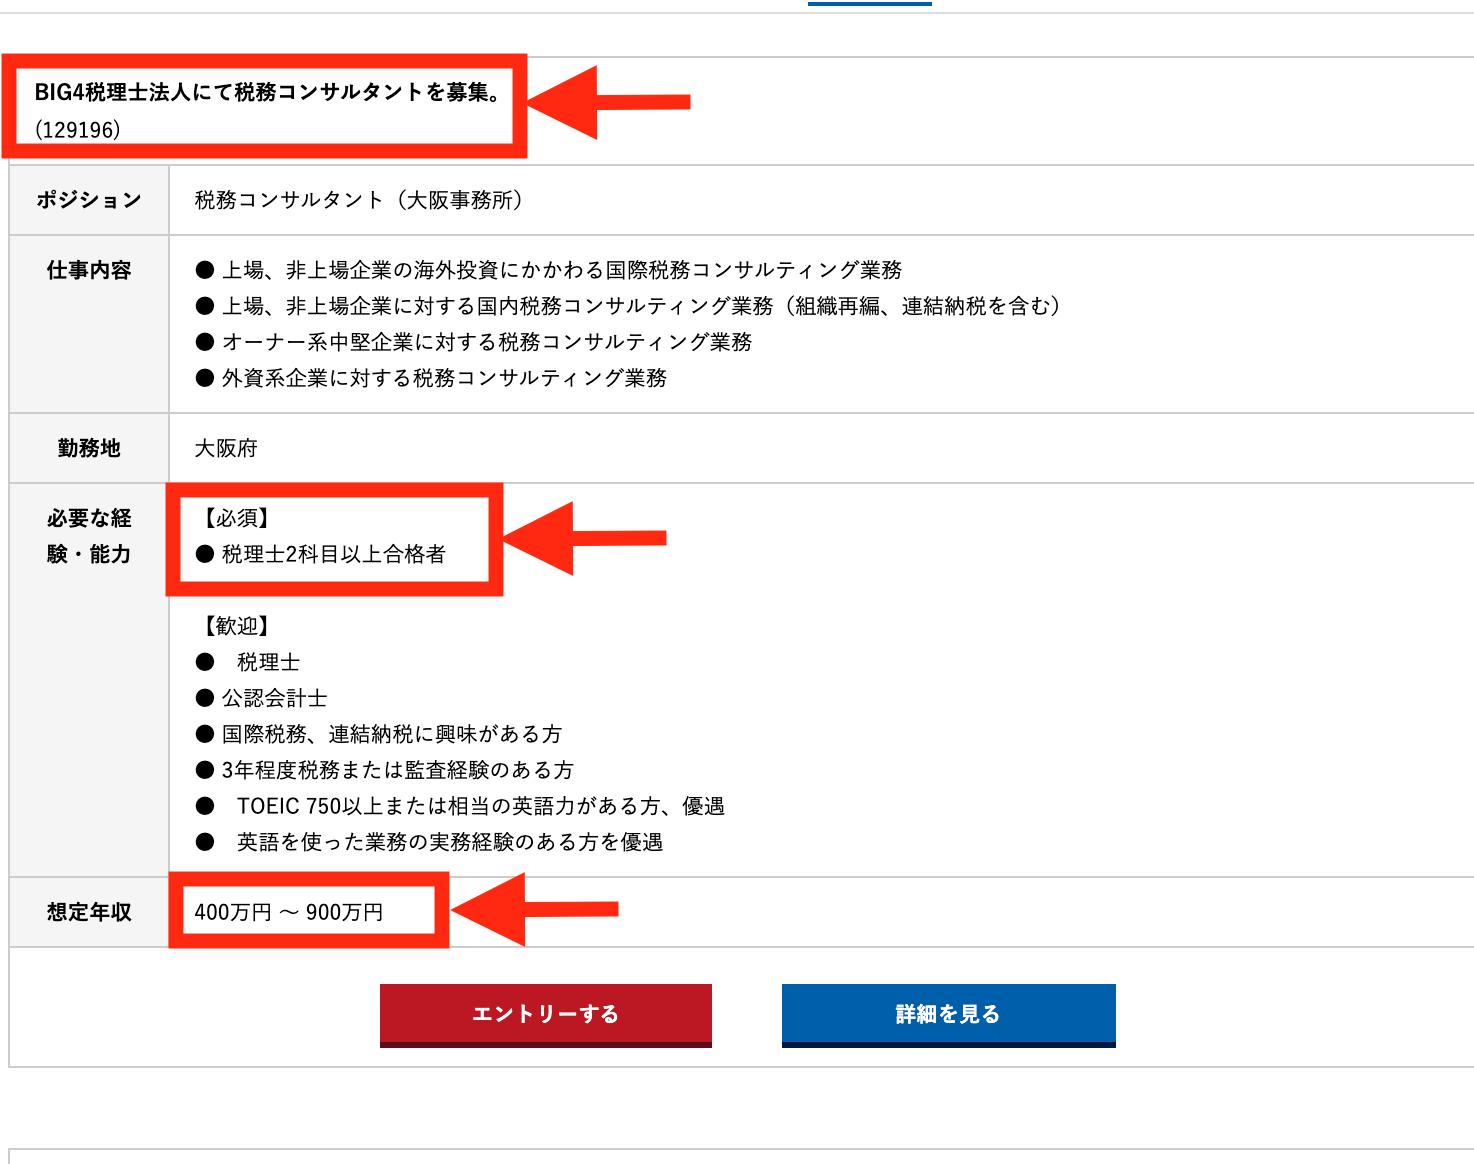 big4税理士法人 学歴